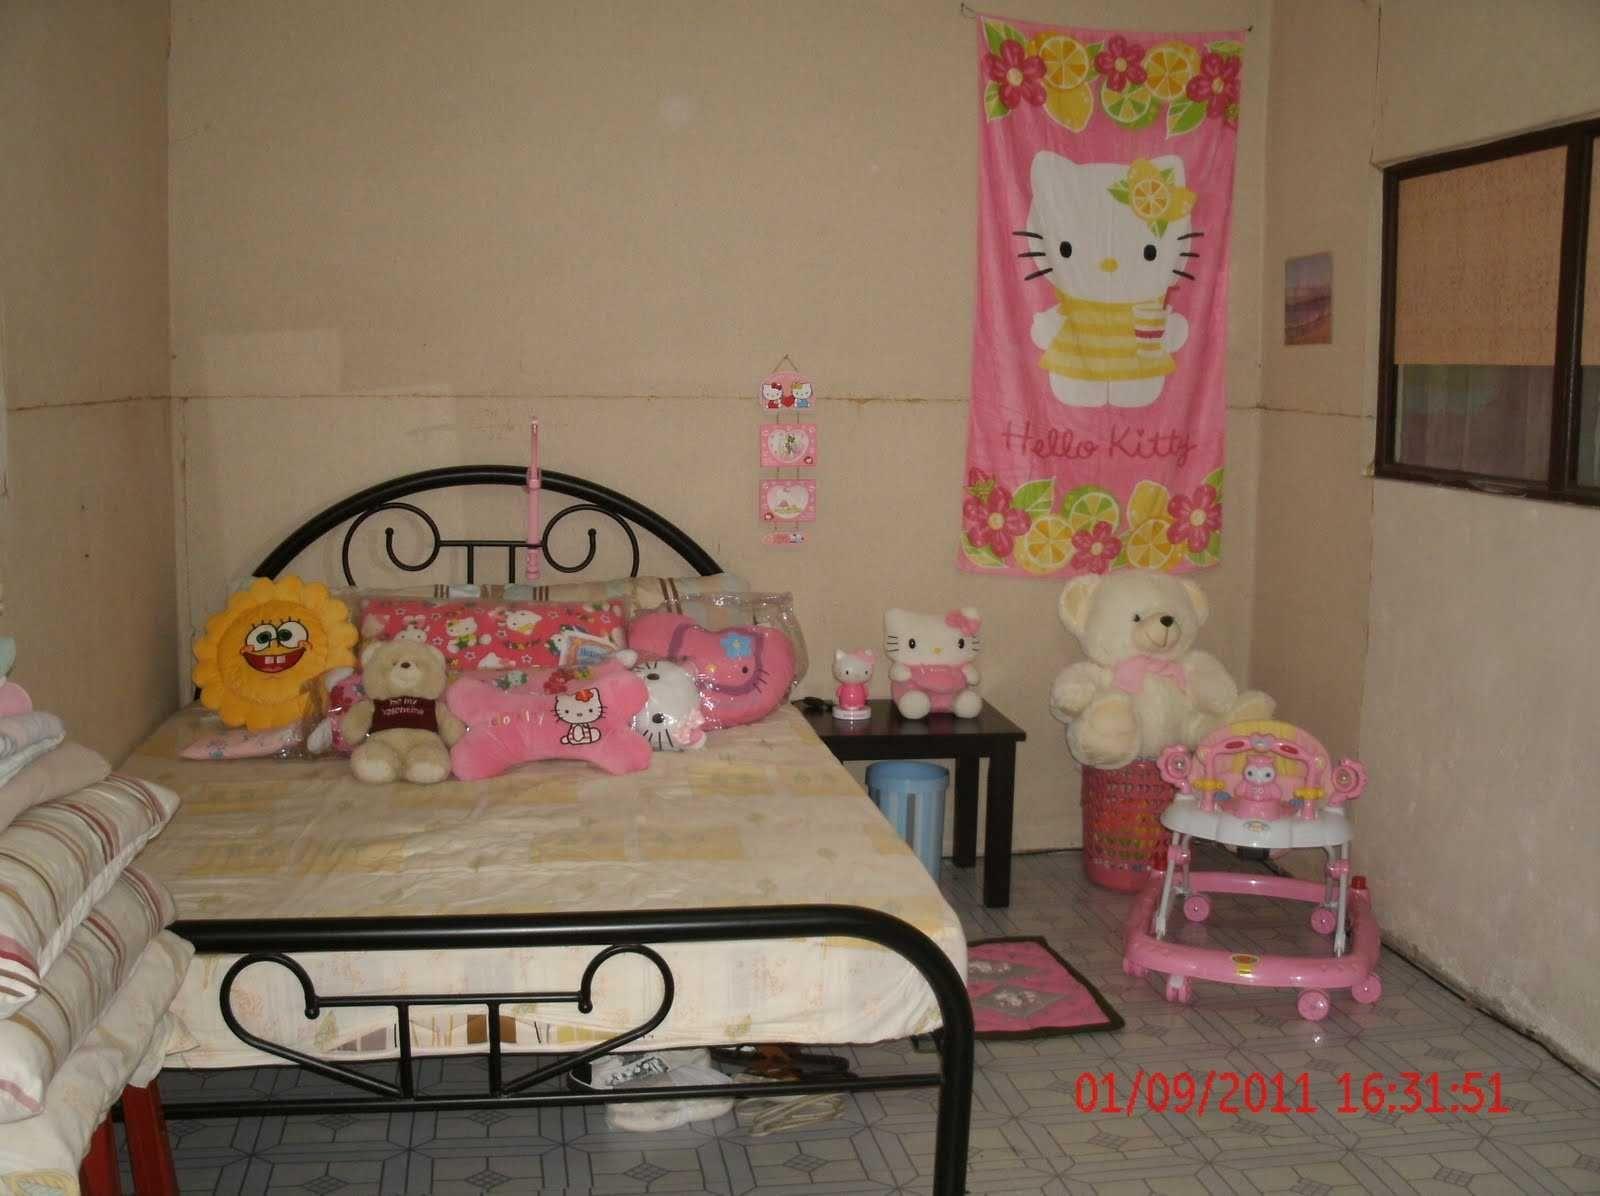 hello kitty bedroom decoration ideas decor pinterest